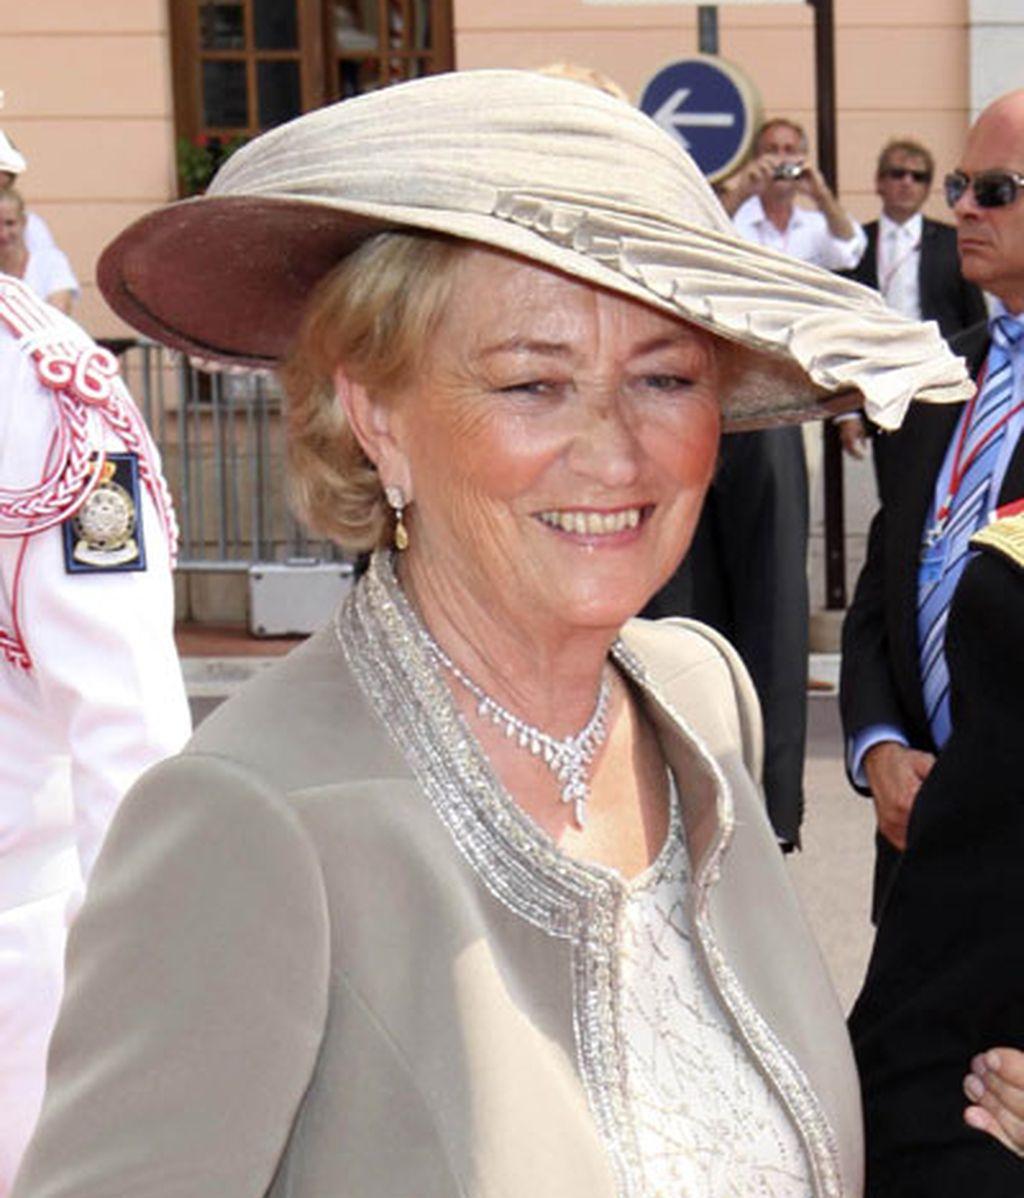 La reina Paola de Bélgica lució un sombrero marrón